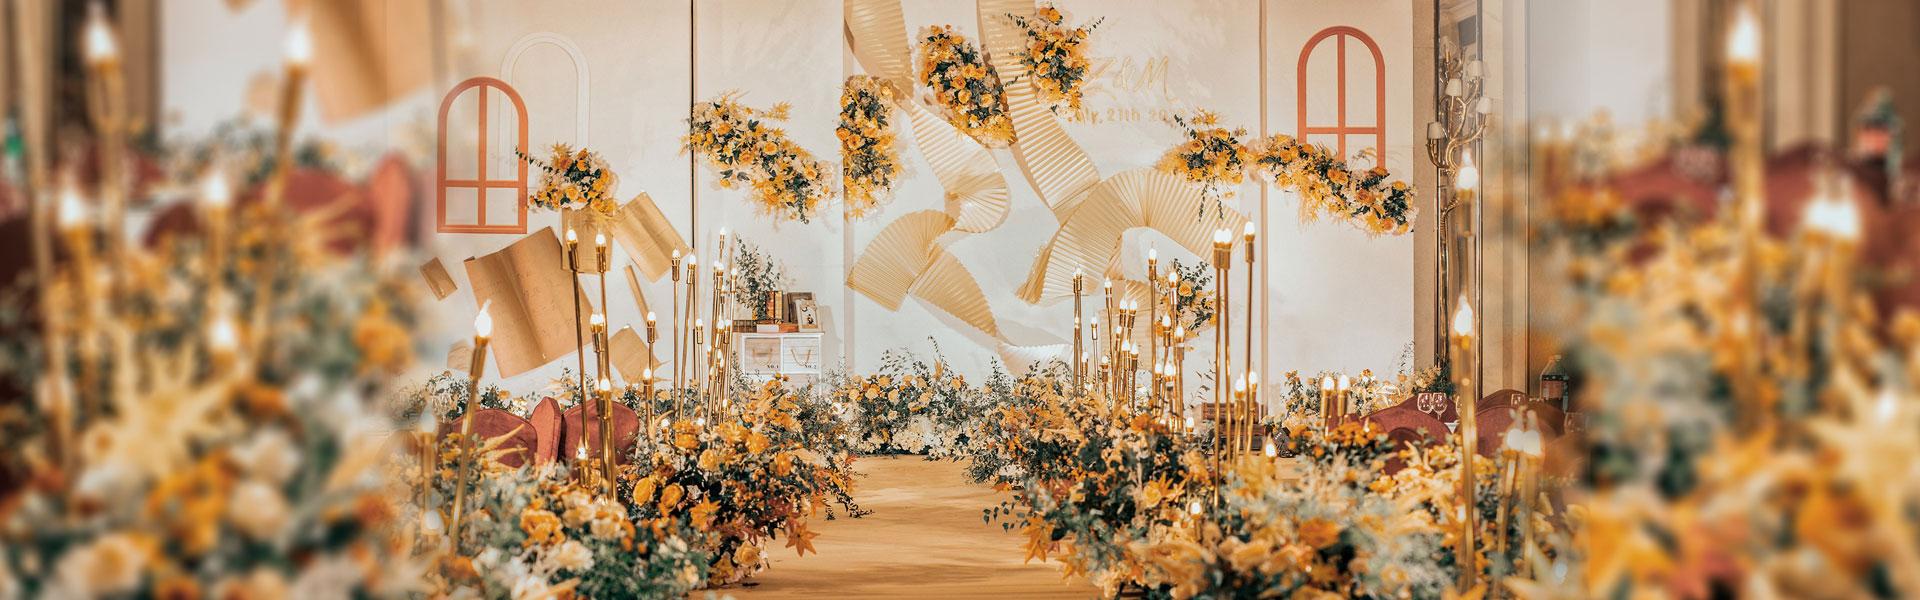 北京婚庆策划案例:最美婚礼 第12期   河南 郑州